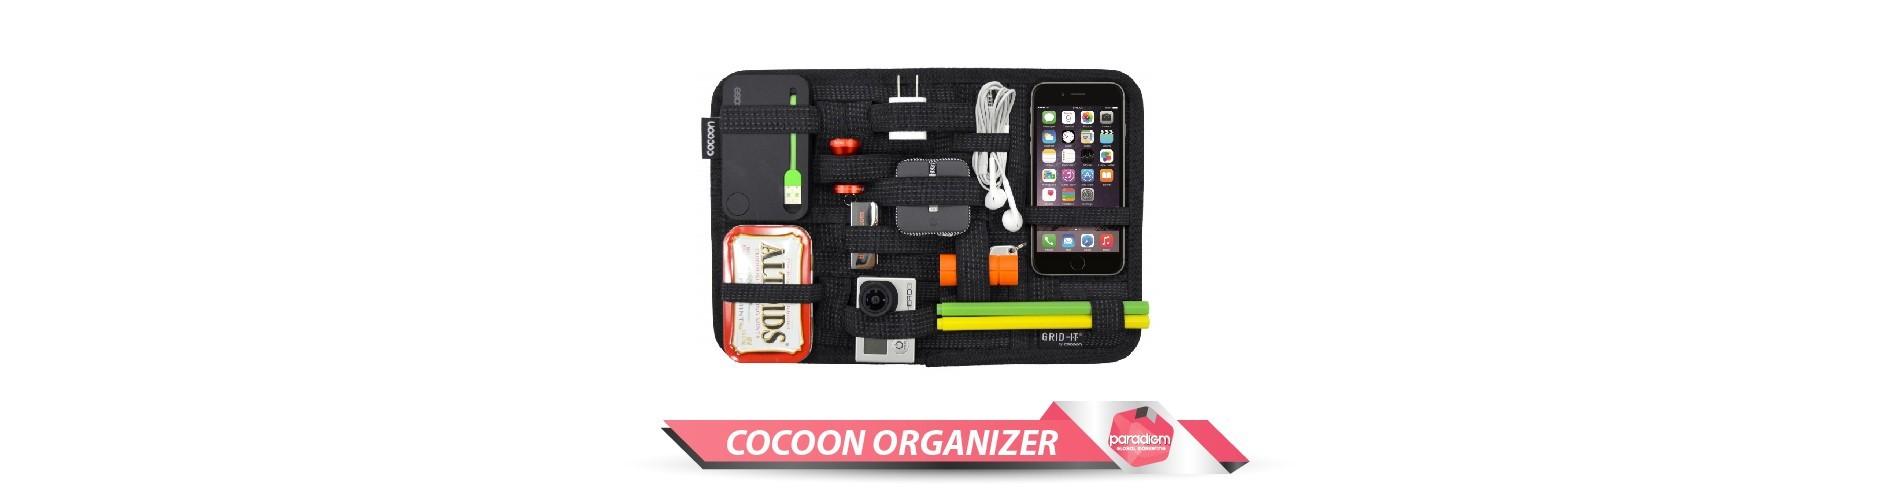 Cocoon Organizer